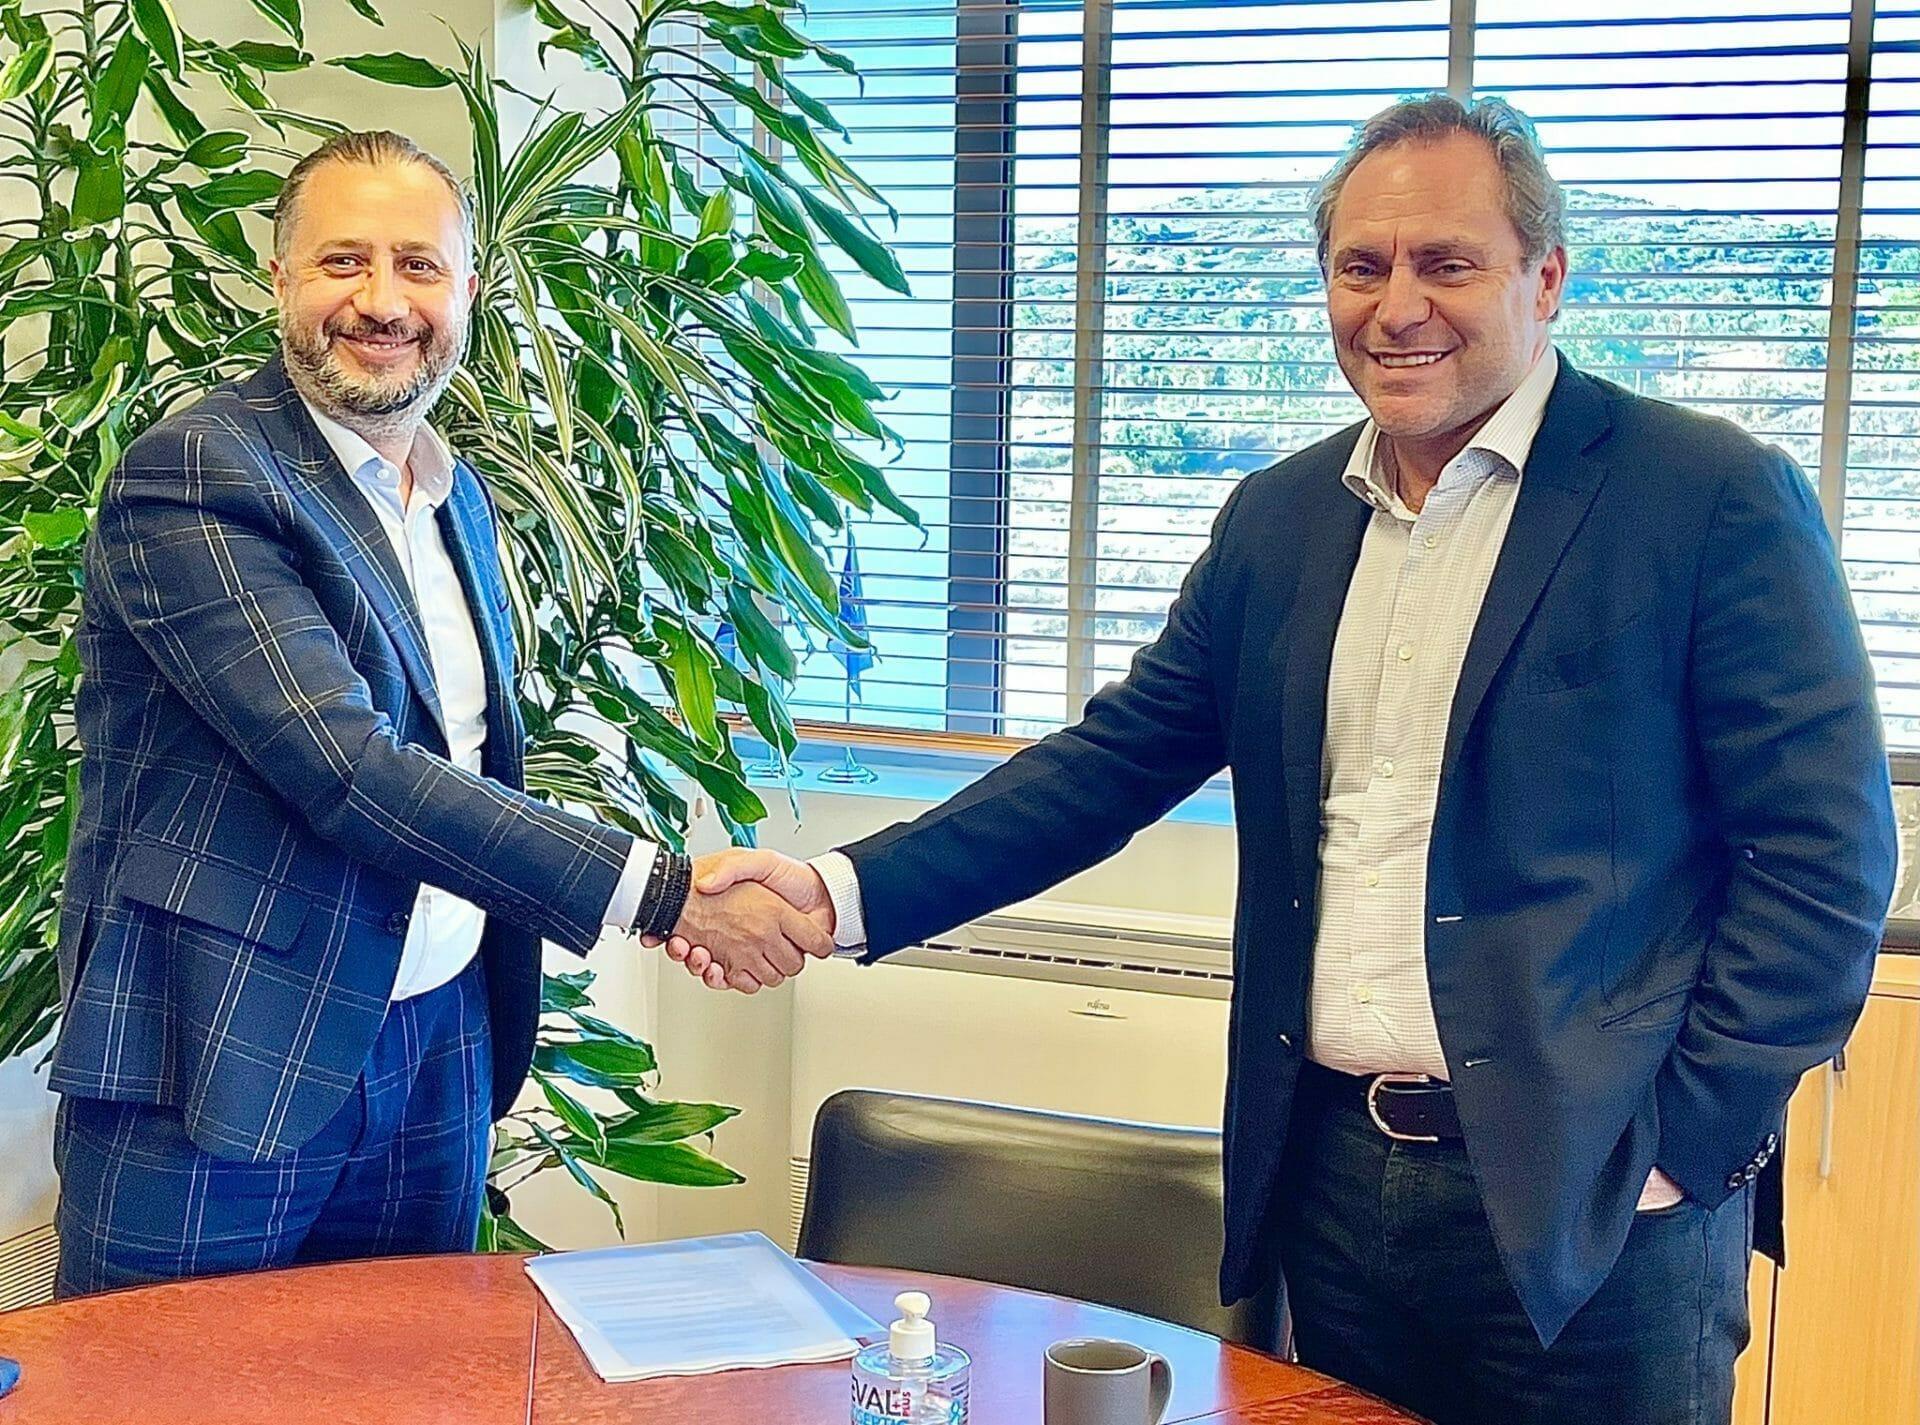 Aegean Airlines şi-a majorat la 51% participaţia în compania aeriană românească Animawings. Compania vrea să îşi mărească flota de aeronave şi să îşi extindă operaţiunile pe rute regulate